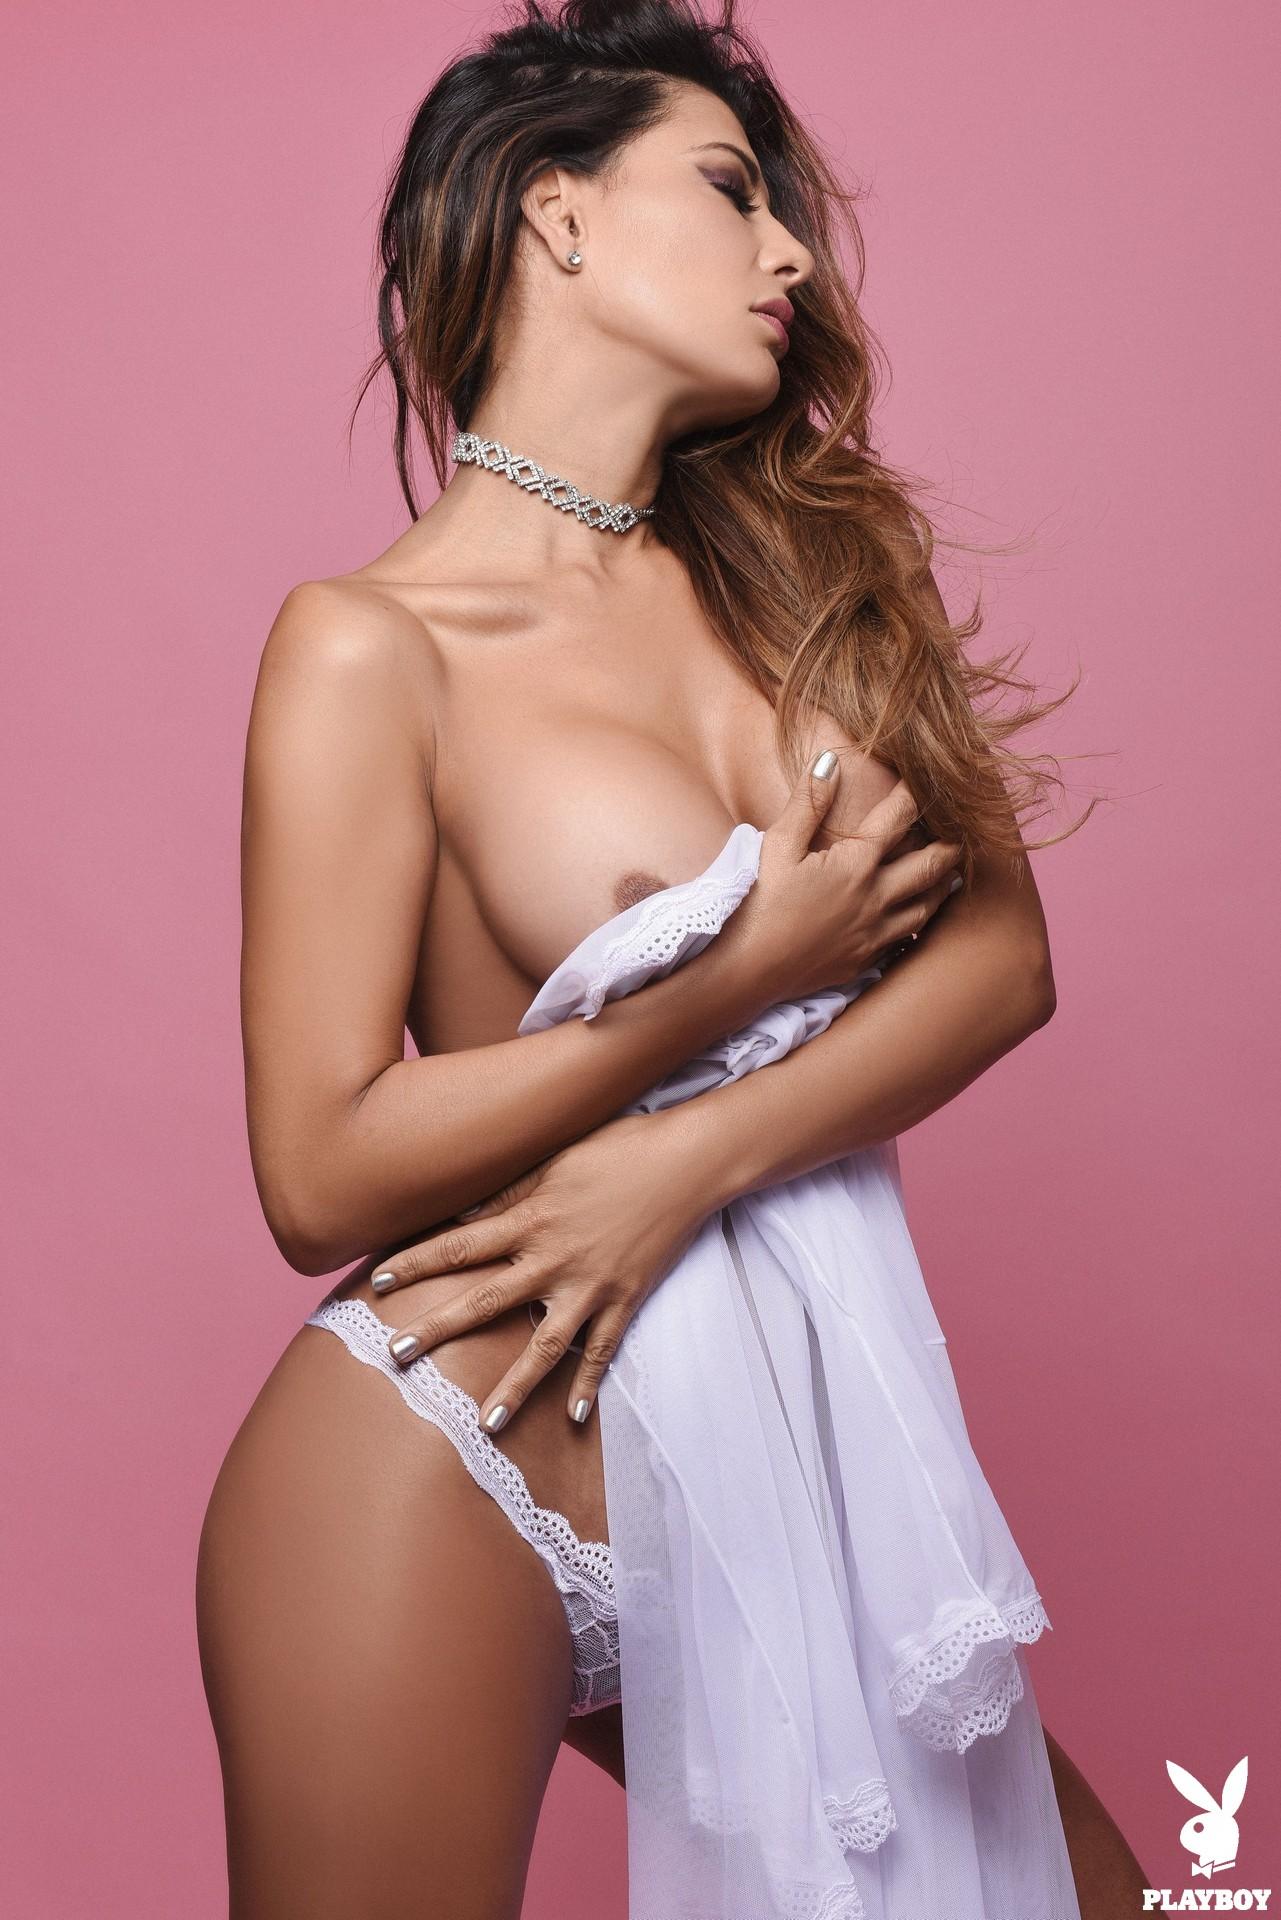 Viviana Castrillón in Playboy Mexico 9